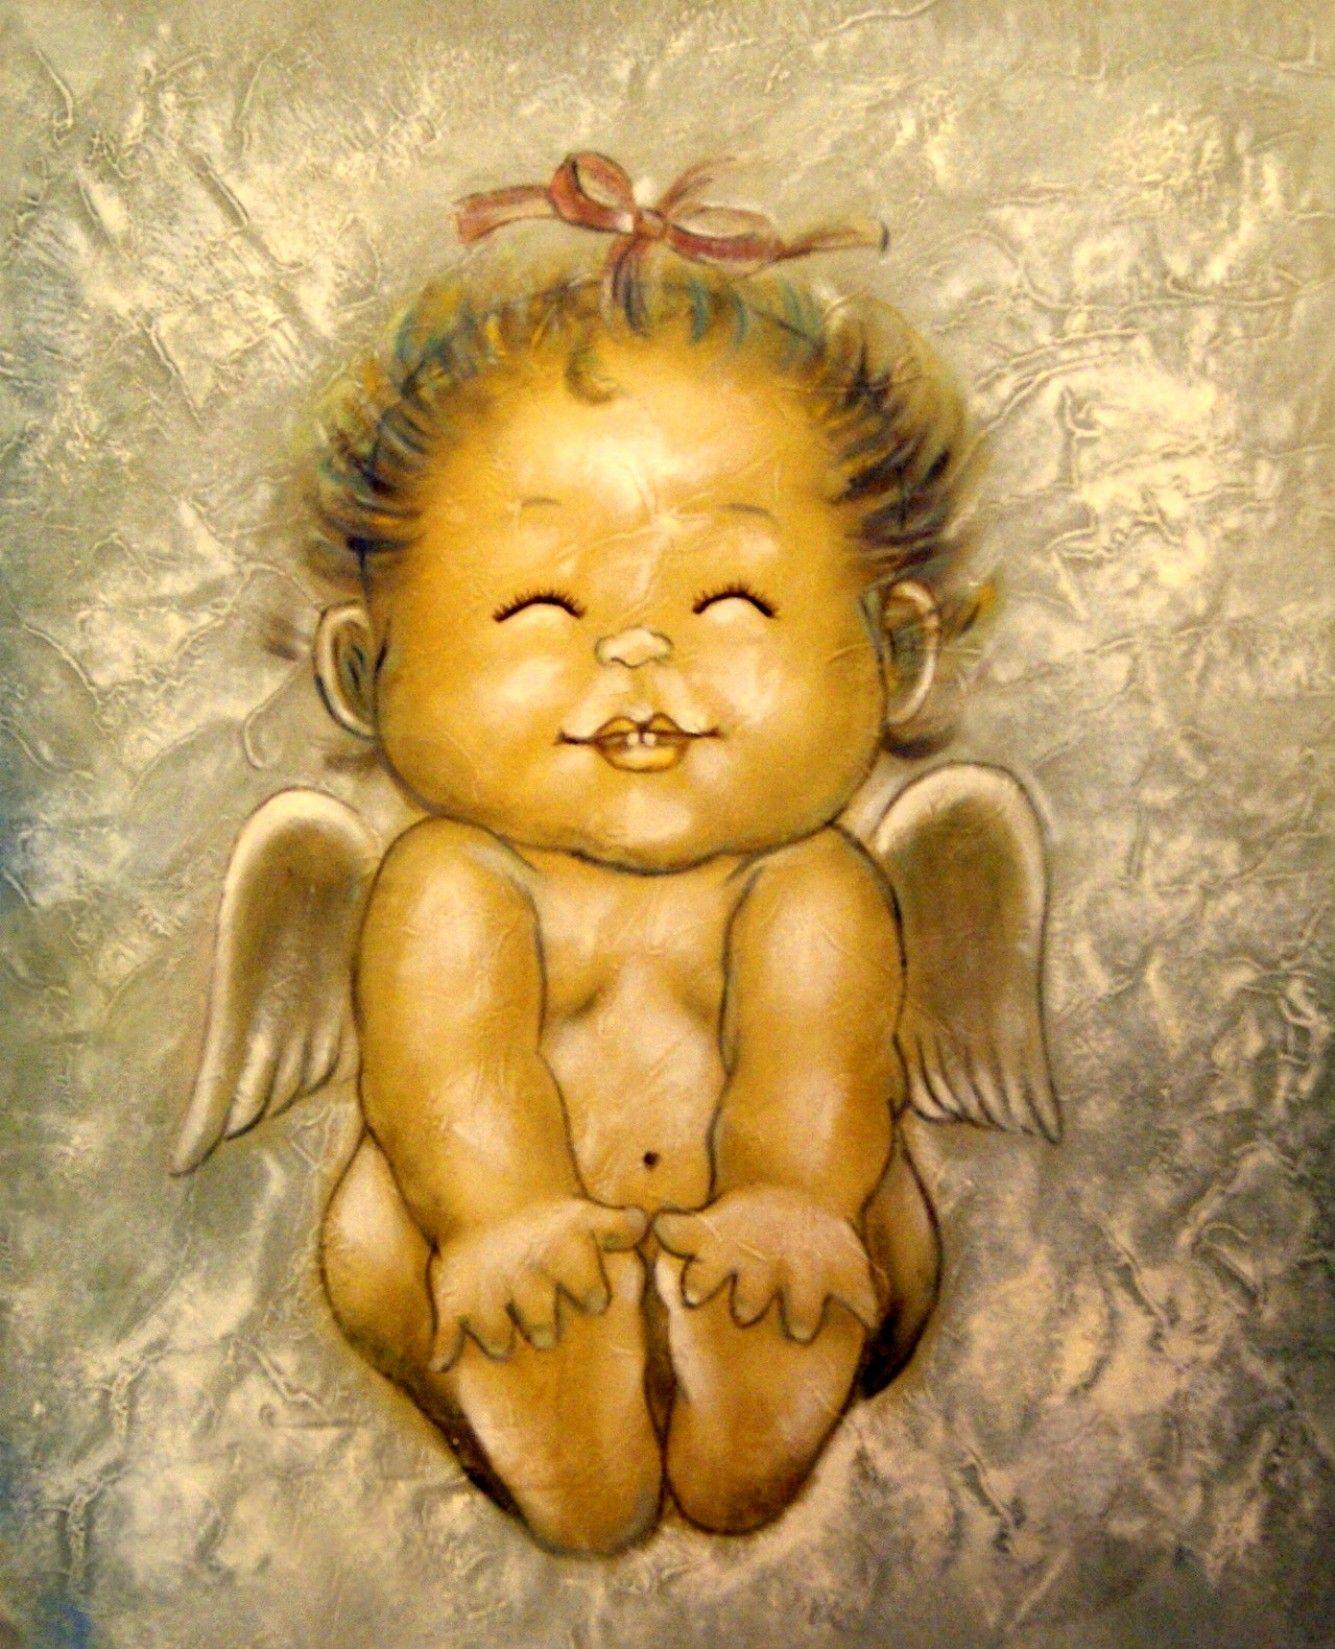 Картинка ангела смешная, картинки